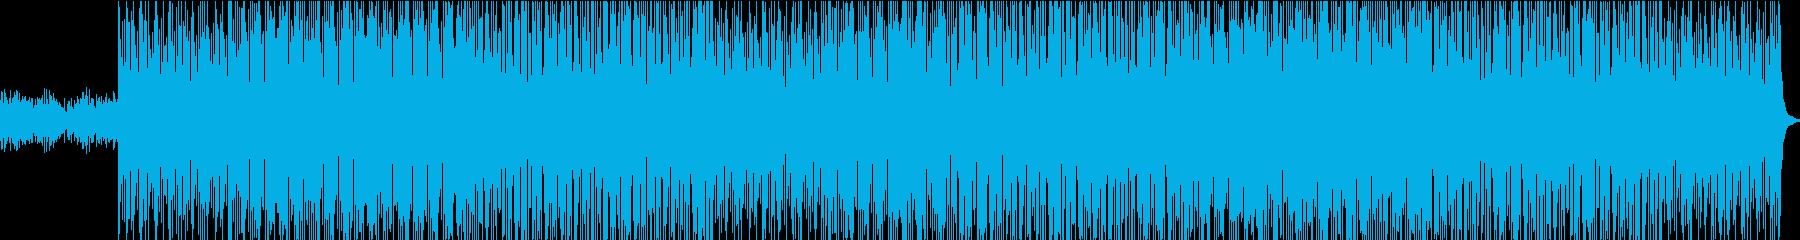 緊迫した雰囲気のテクノロックの再生済みの波形